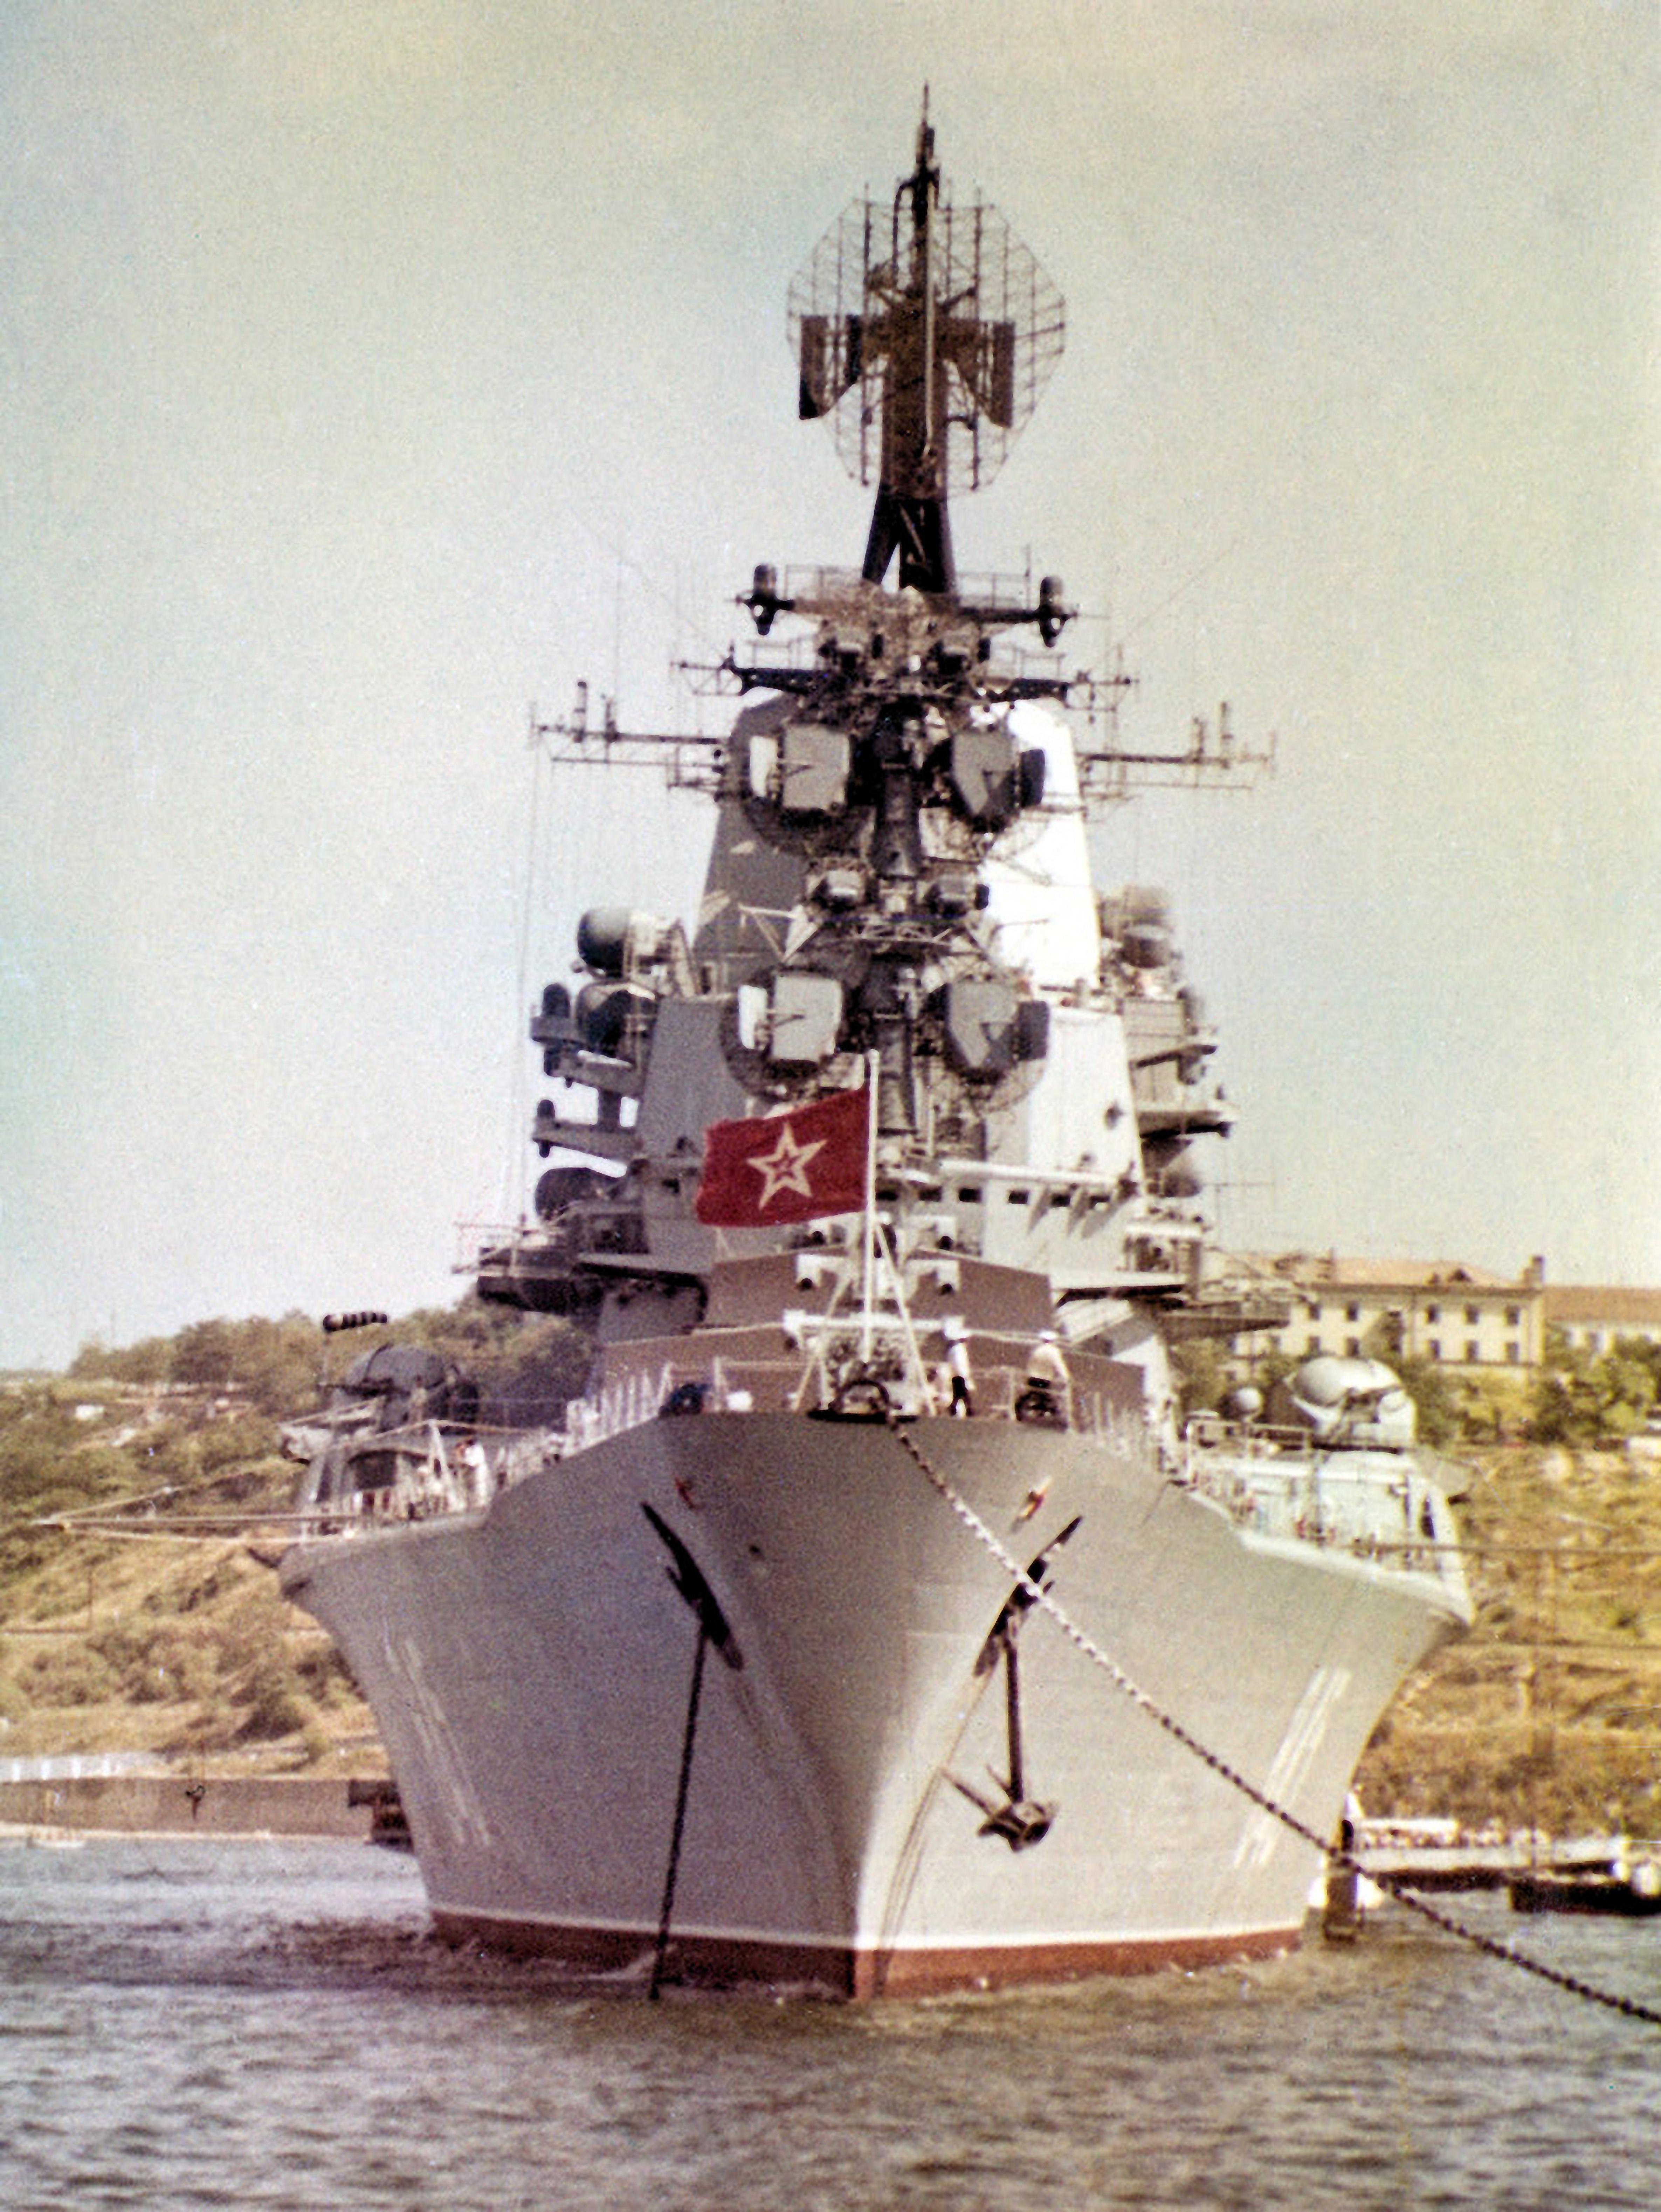 фото крейсера москва вертолетоносца сочетание